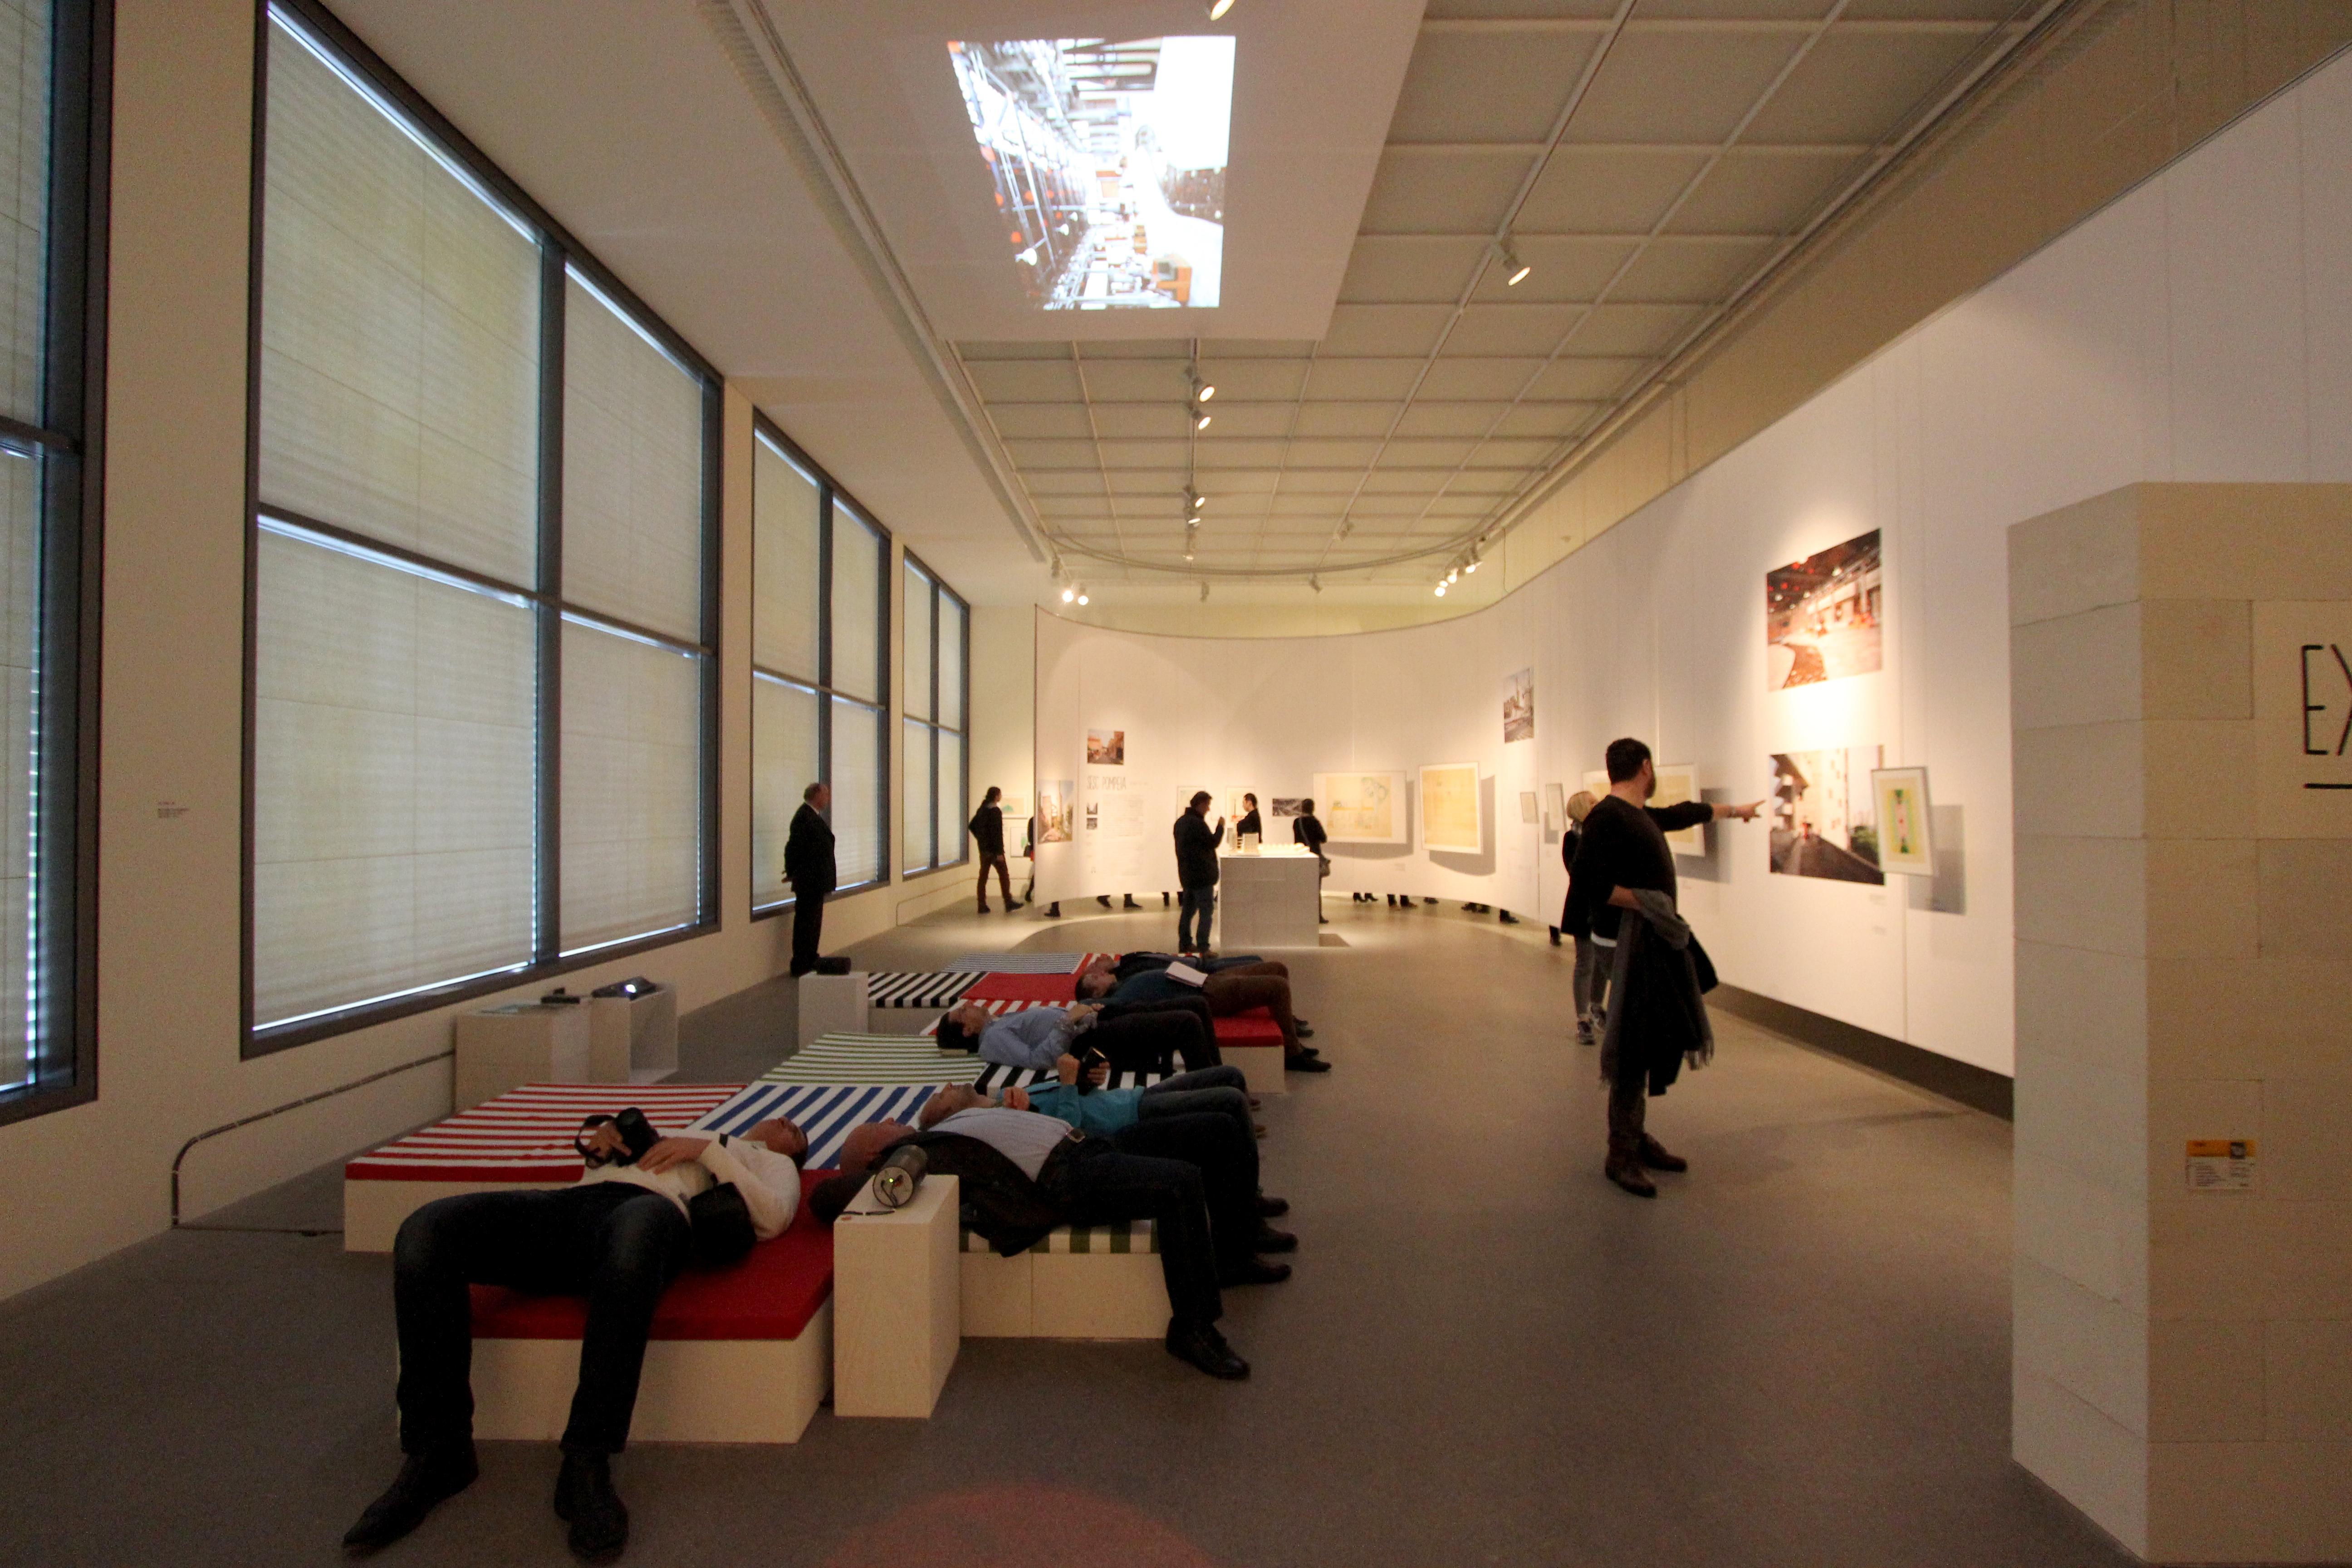 Inmersos en una instalación sonora en la exposición sobre Lina Bo Bardi.